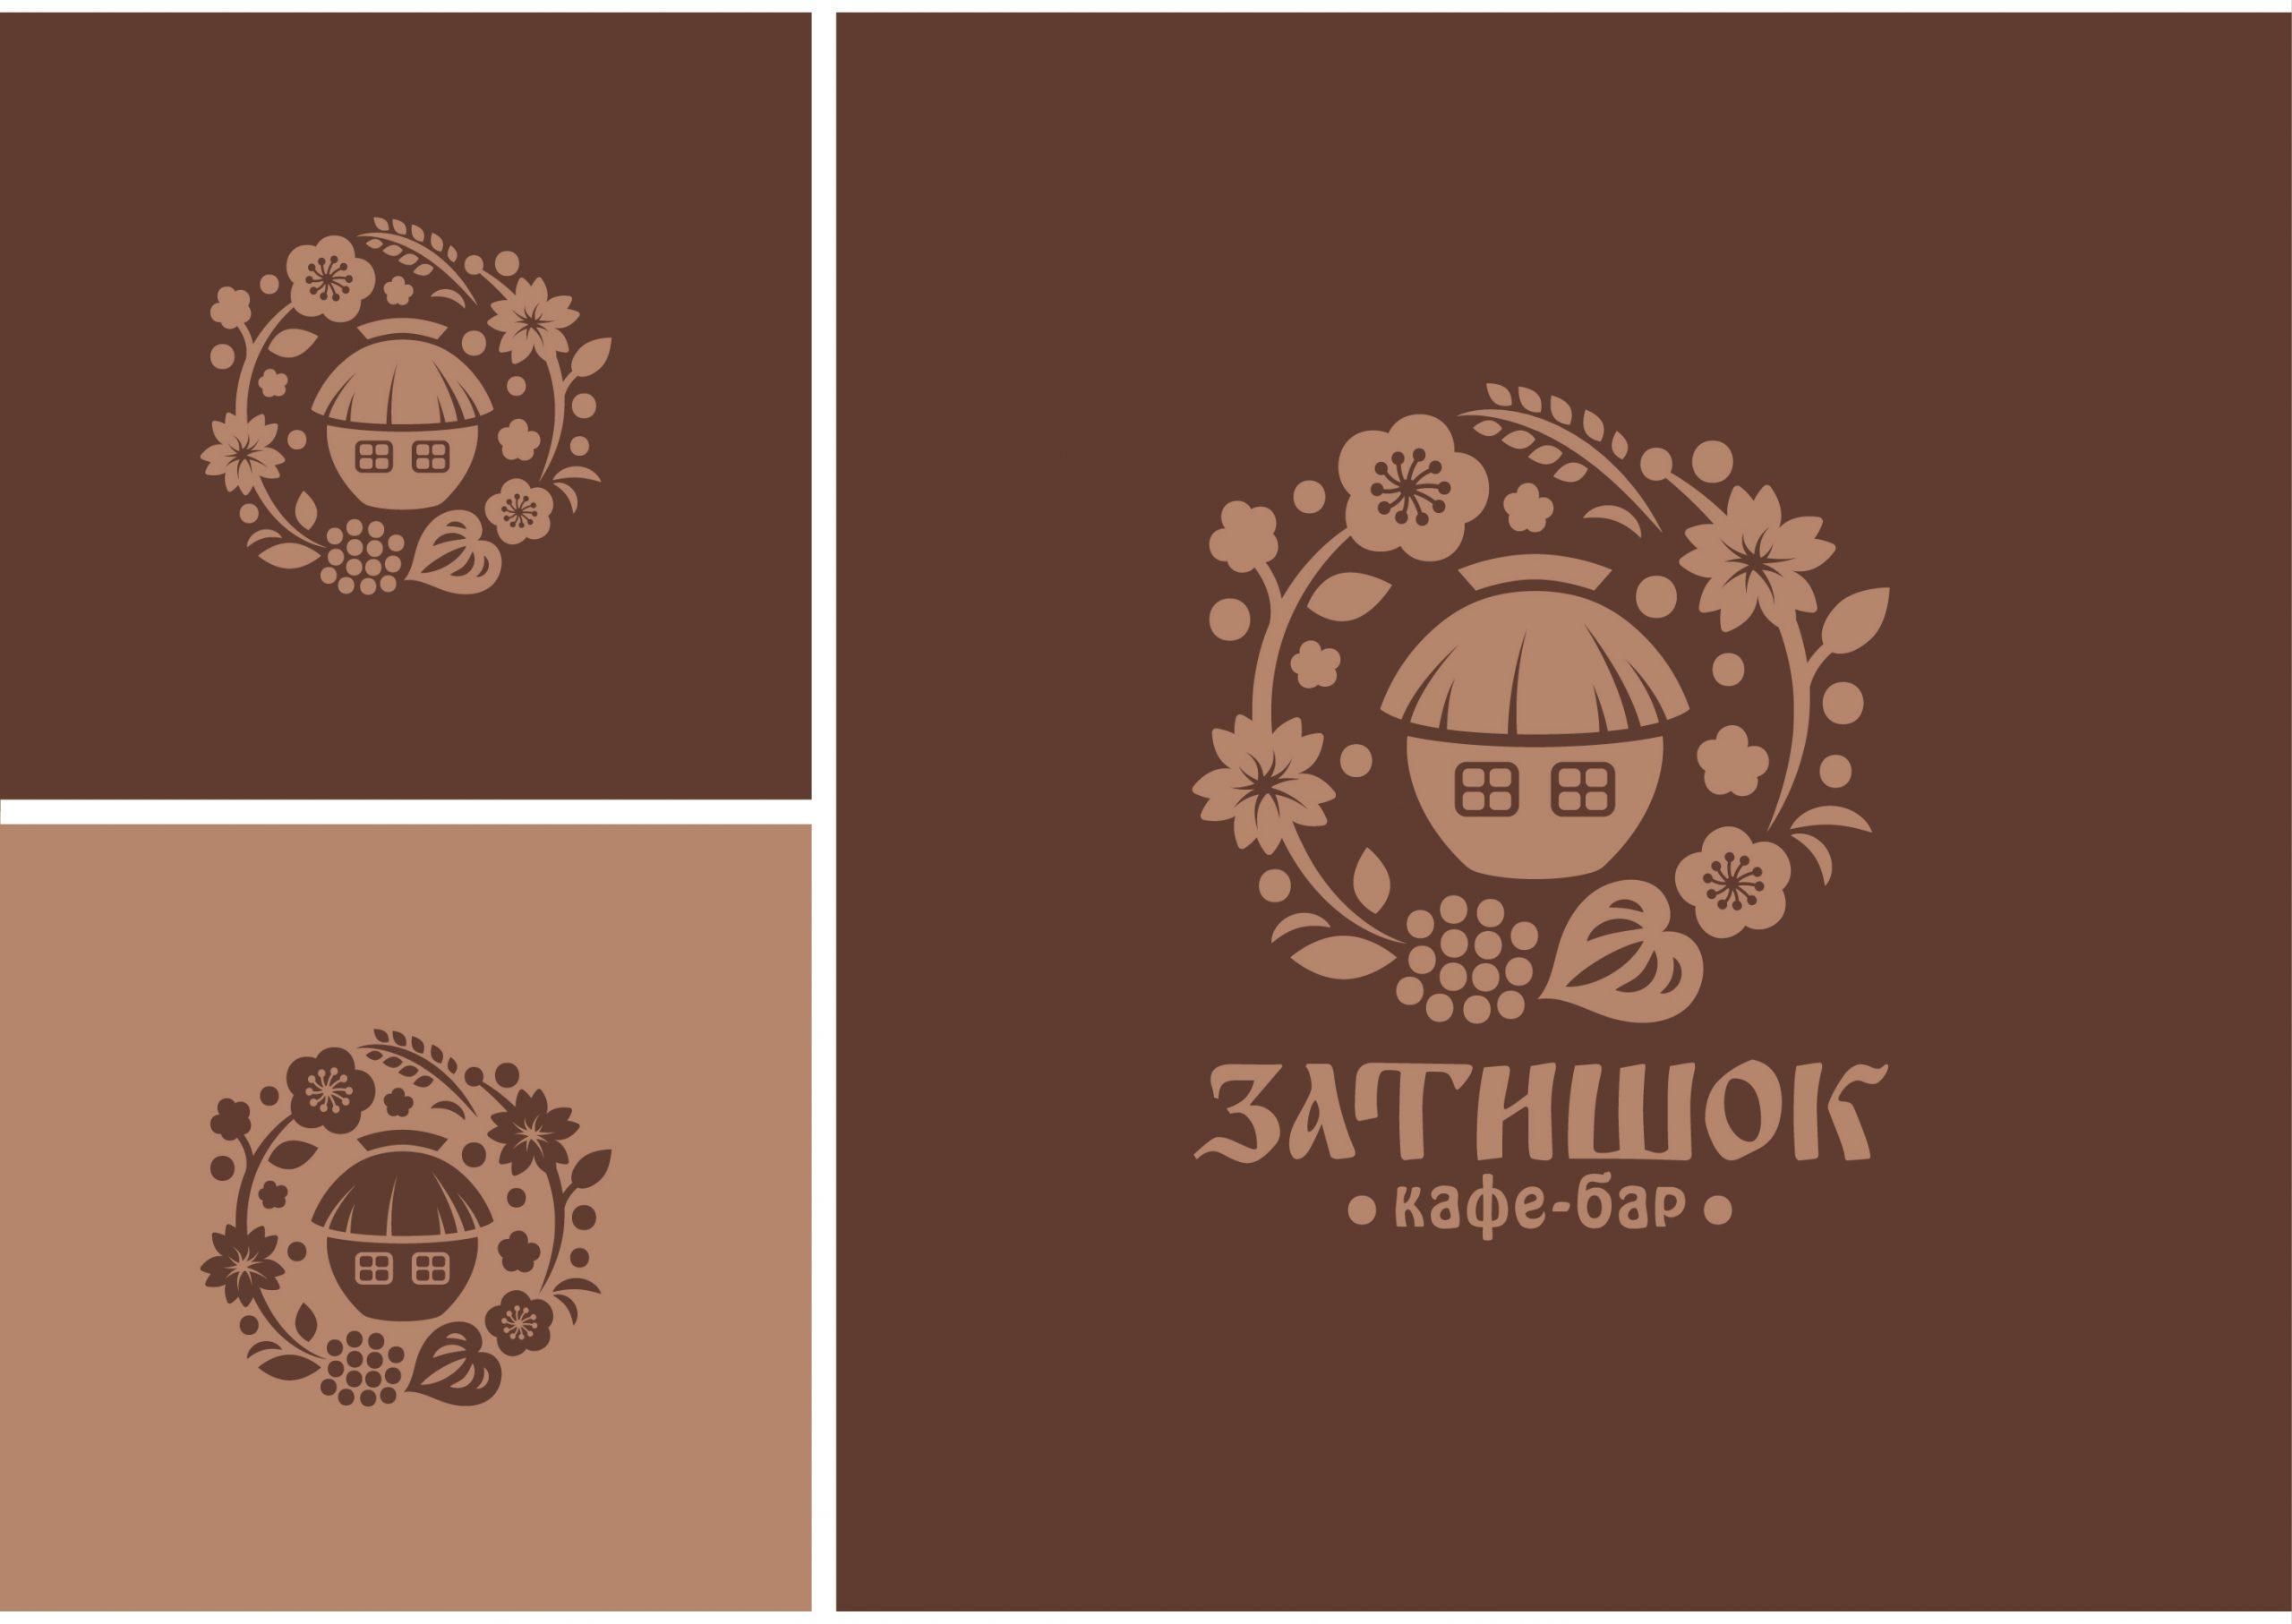 Zatishok 1